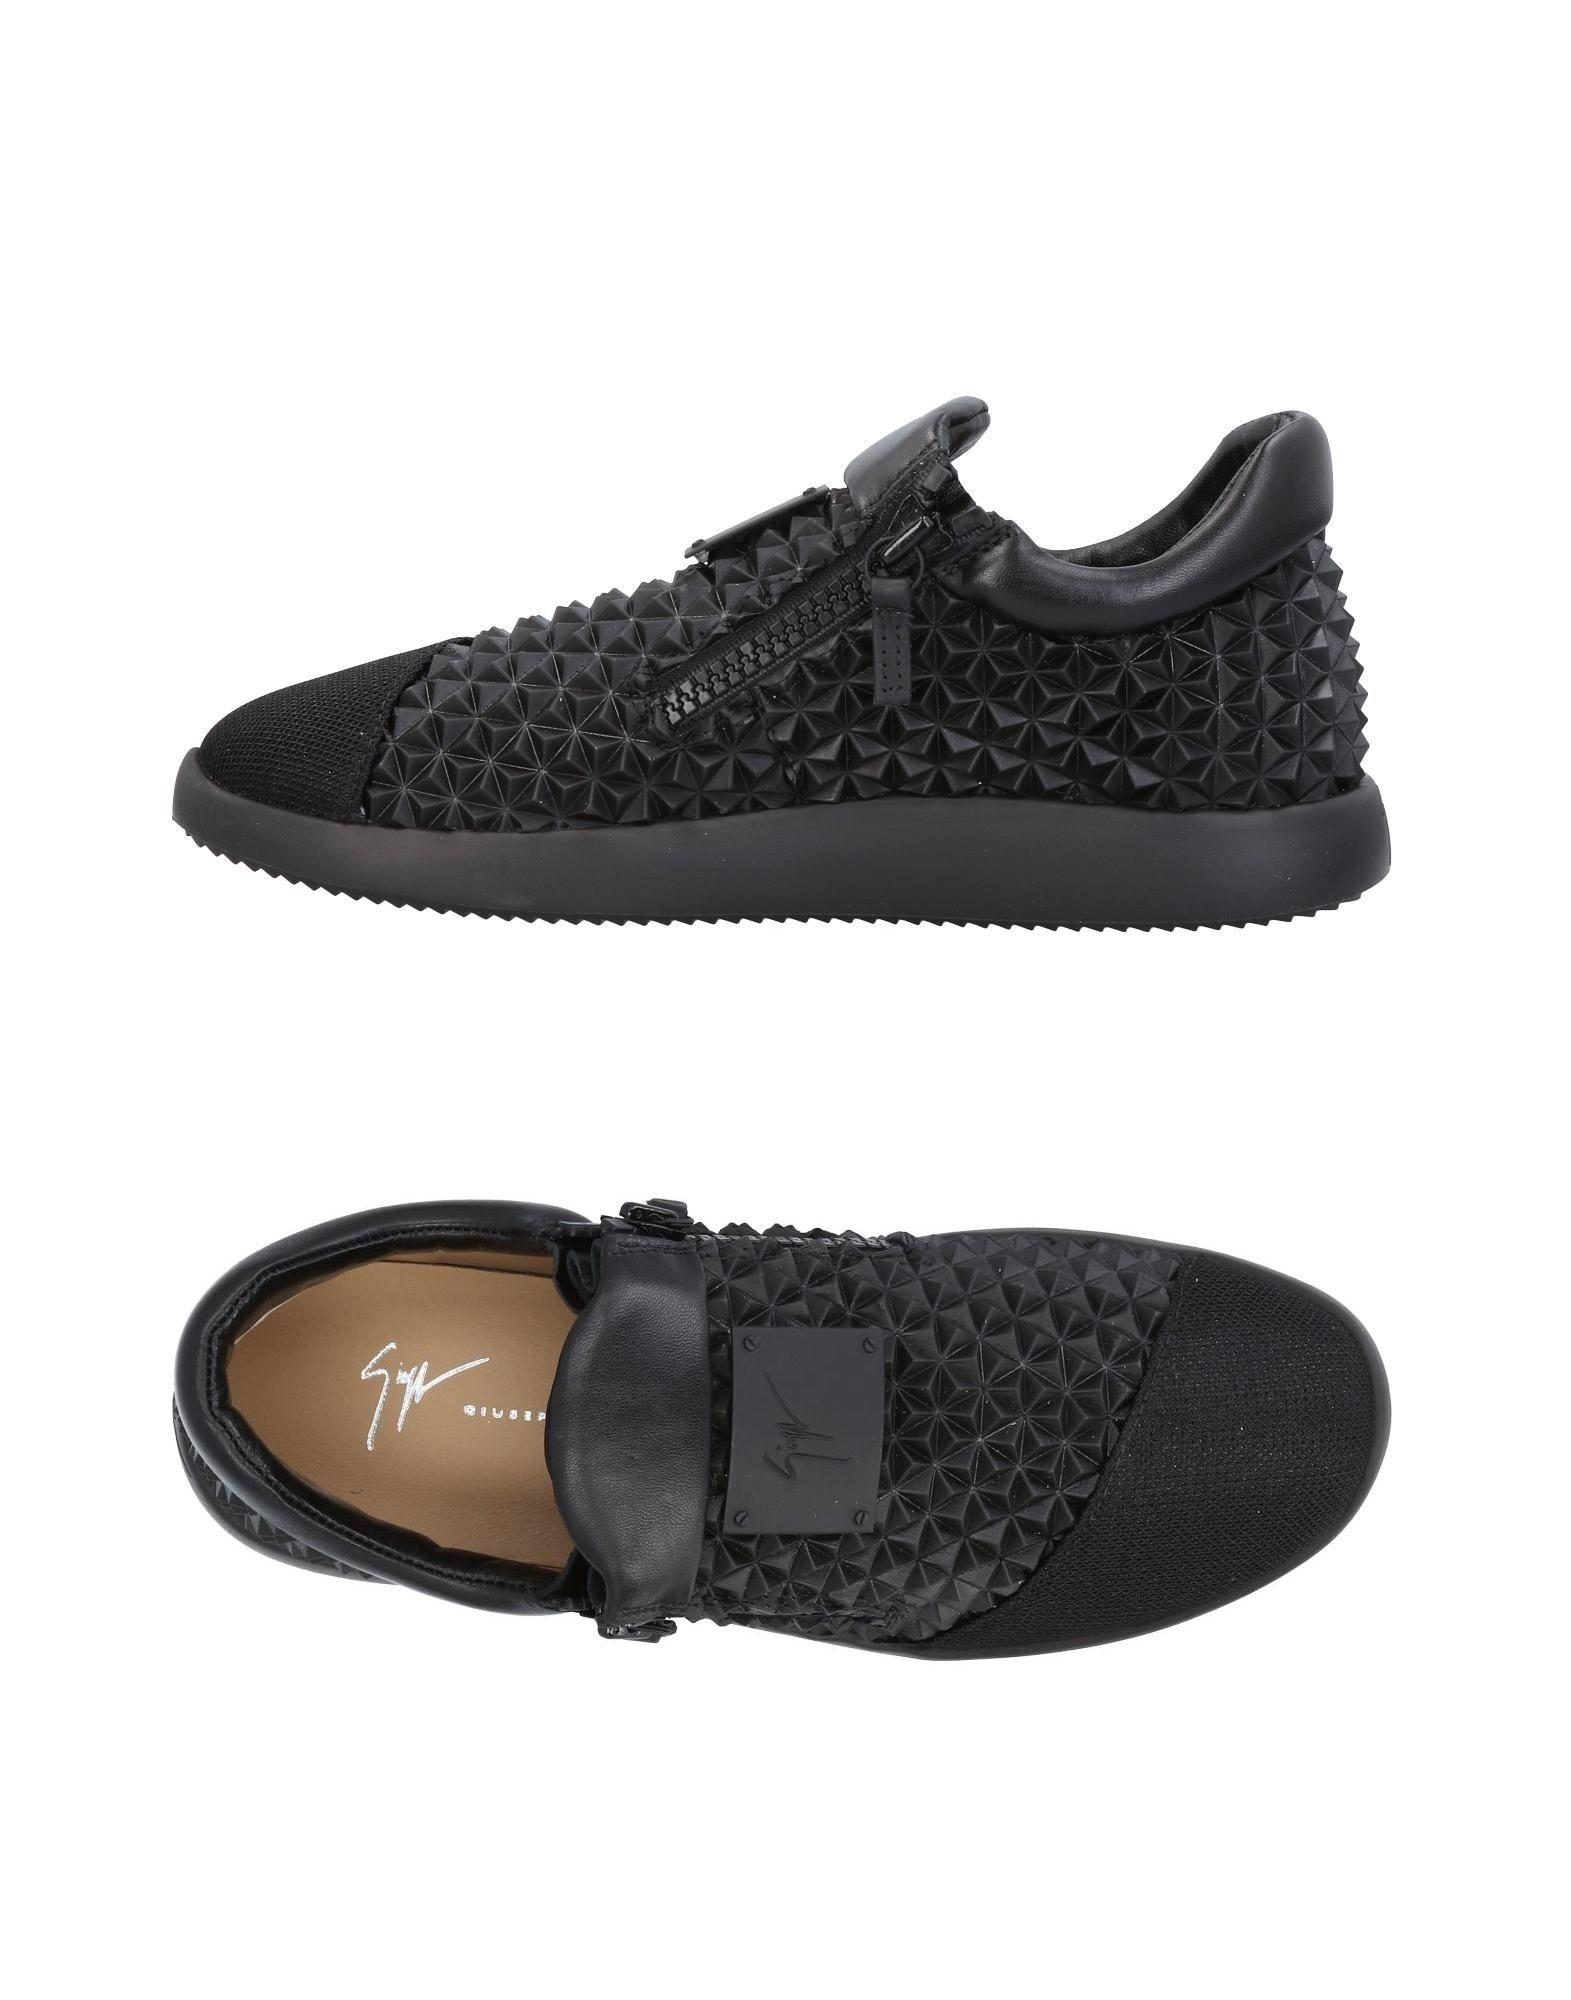 Giuseppe Zanotti Sneakers Herren  11447074EM Gute Qualität beliebte Schuhe